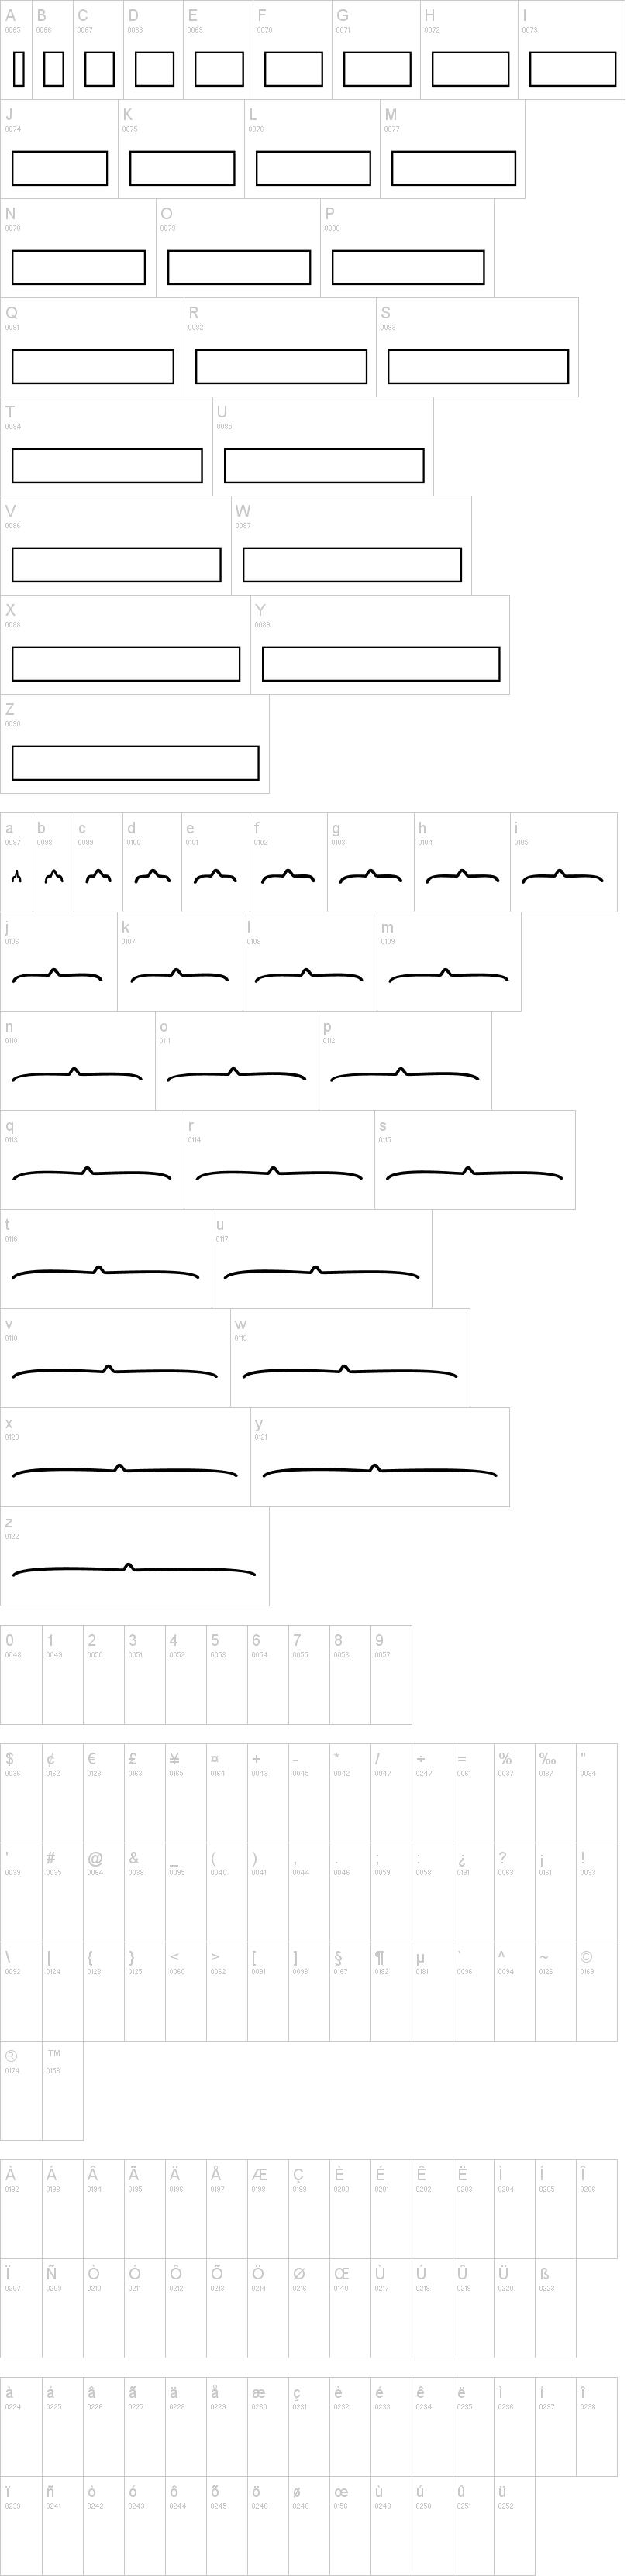 KG Math Bar Models Font | dafont.com